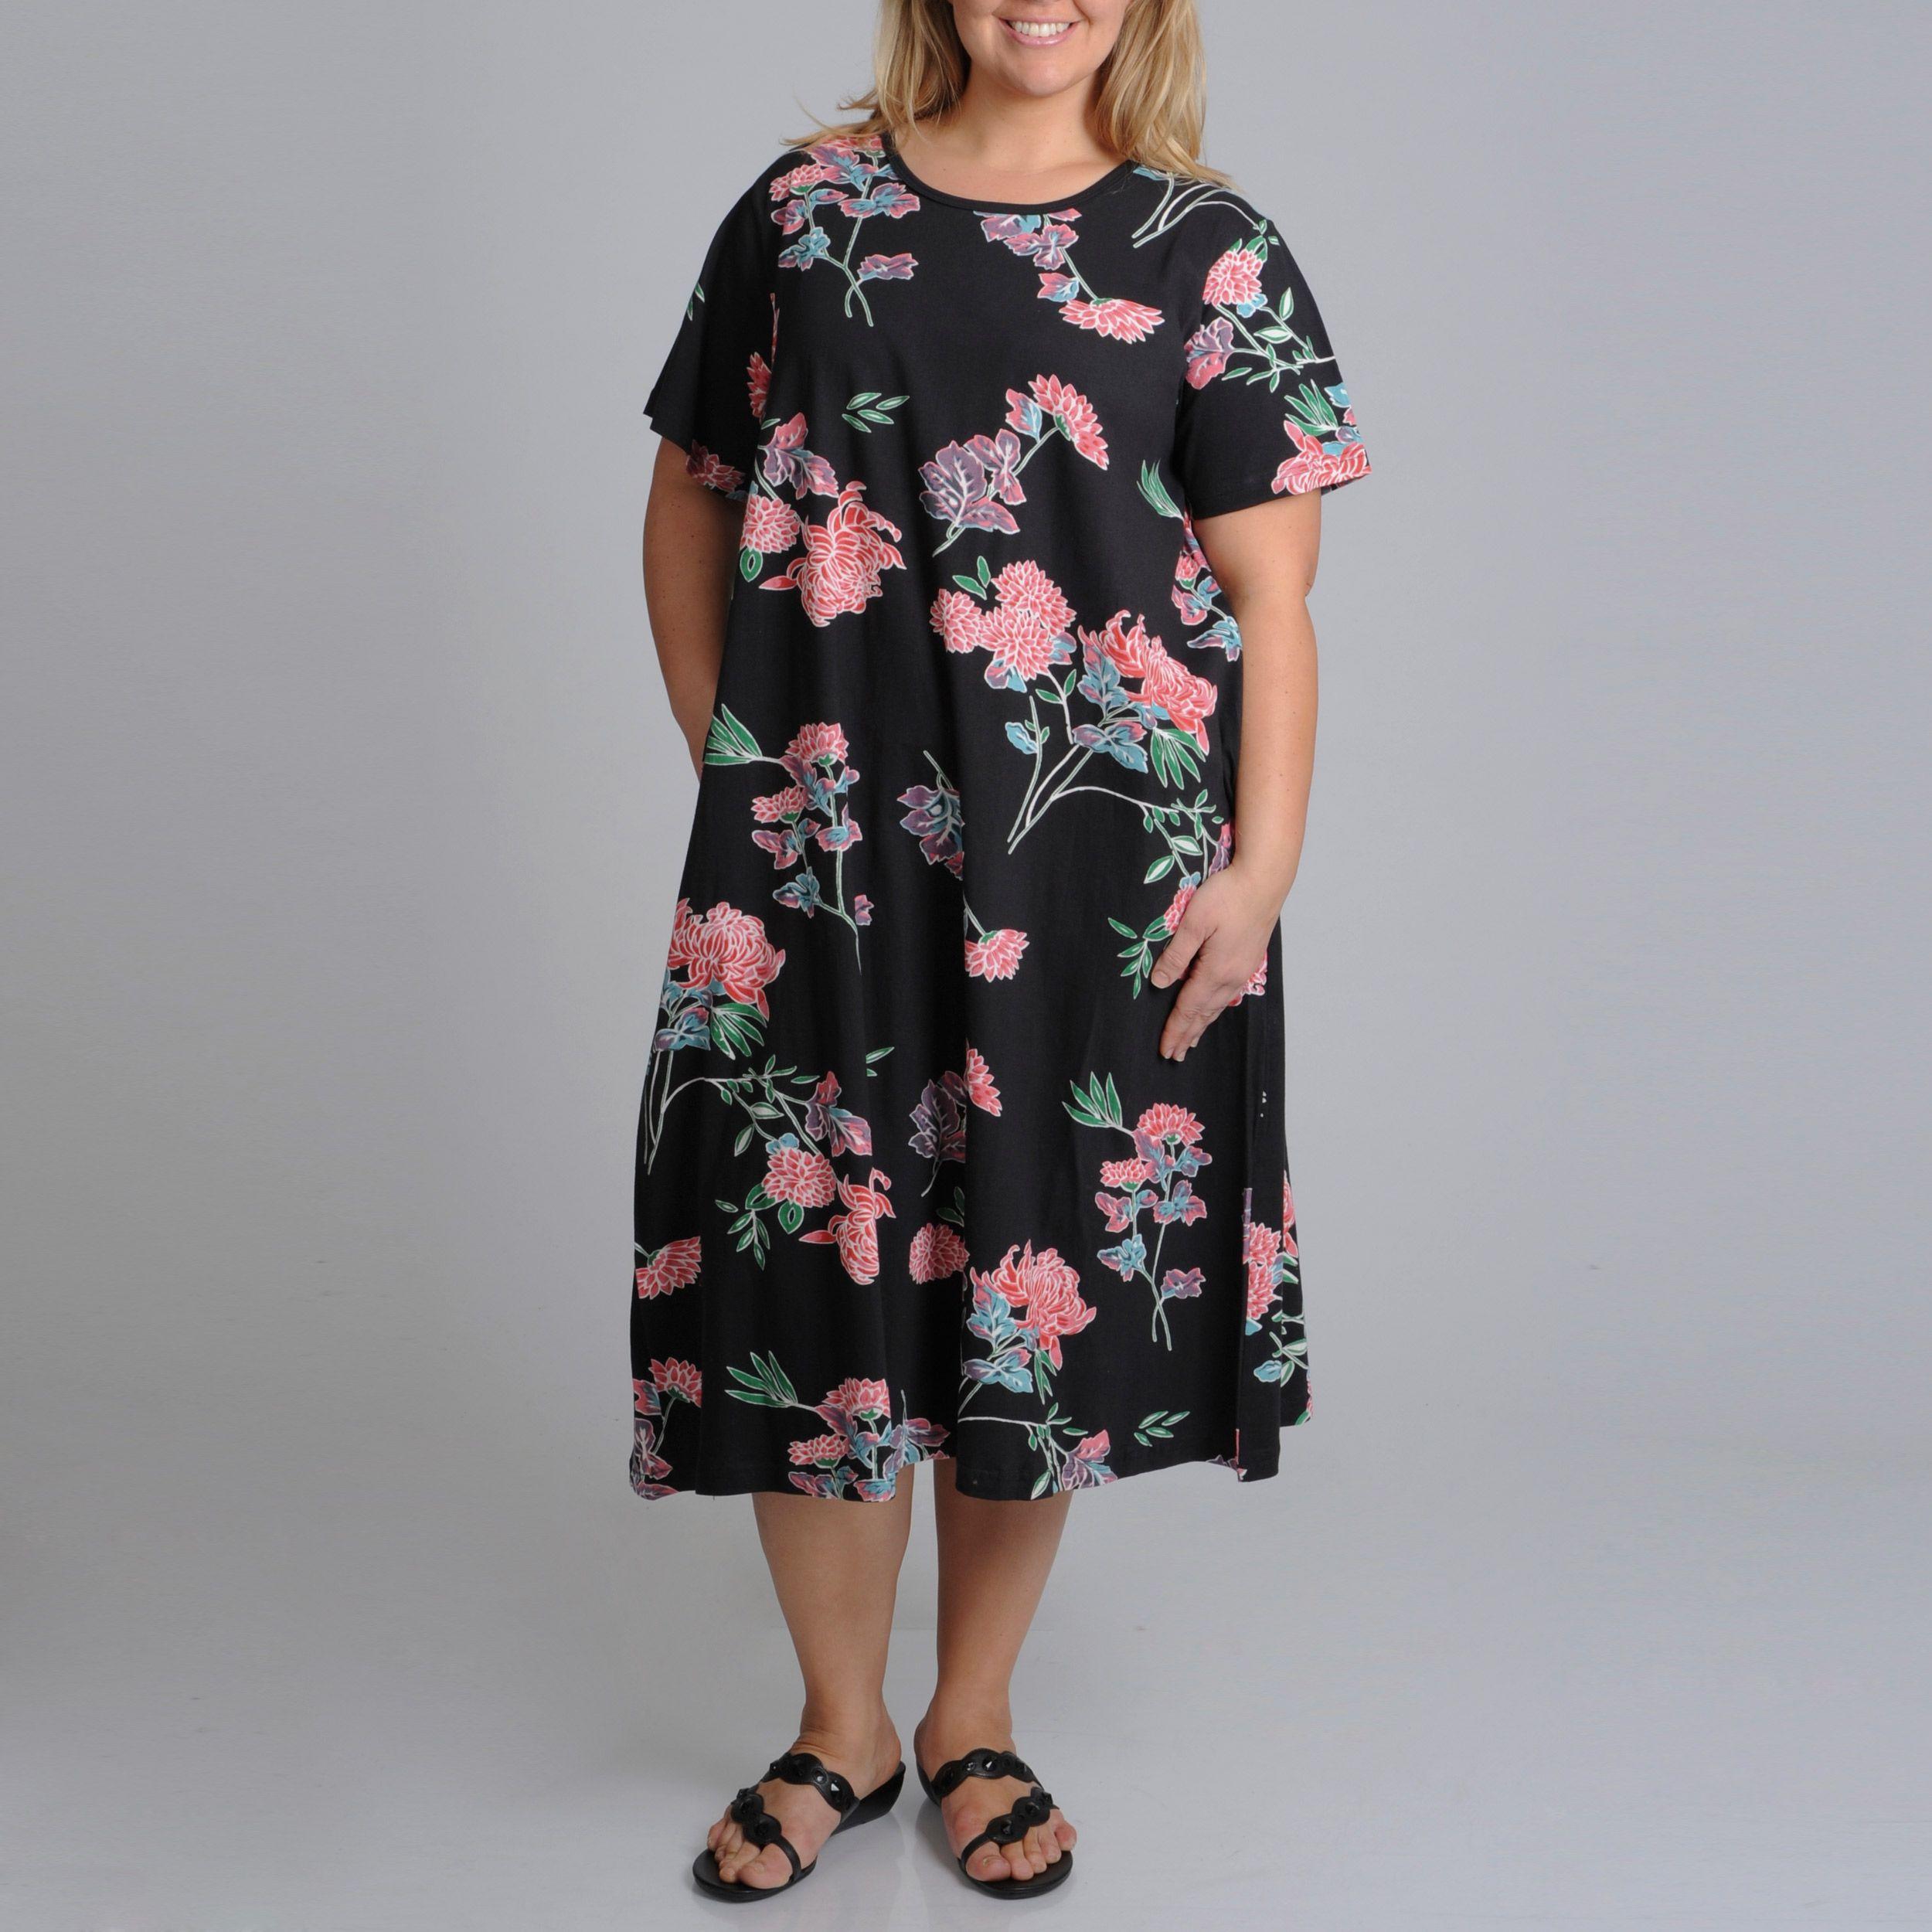 La Cera Womens Plus Size Print A Line Dress Products Pinterest